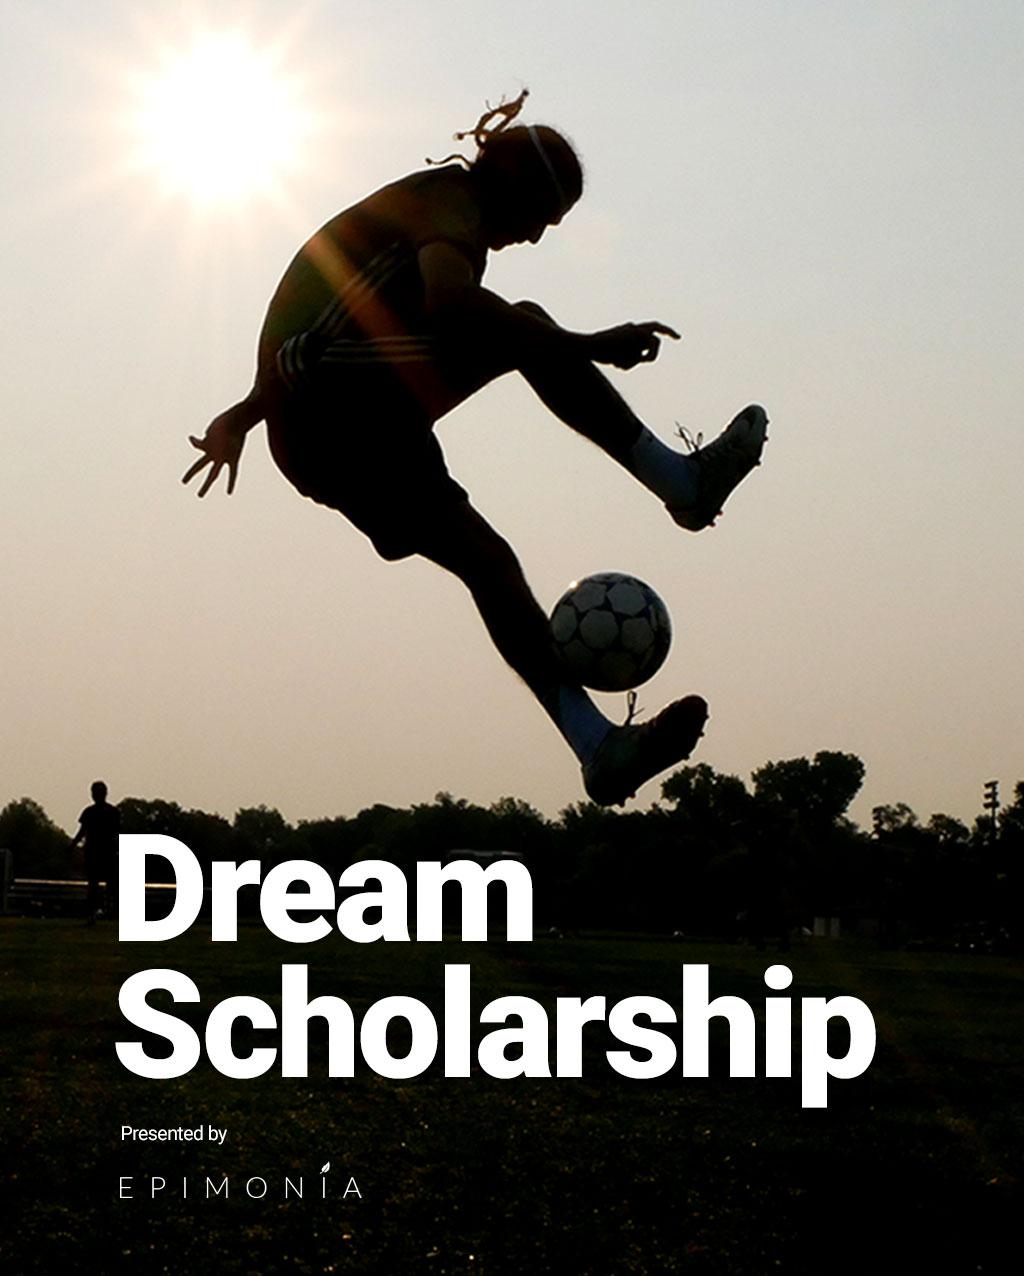 karen-national-team-full-image-header-mobile-home-dream-scholarship-bottom